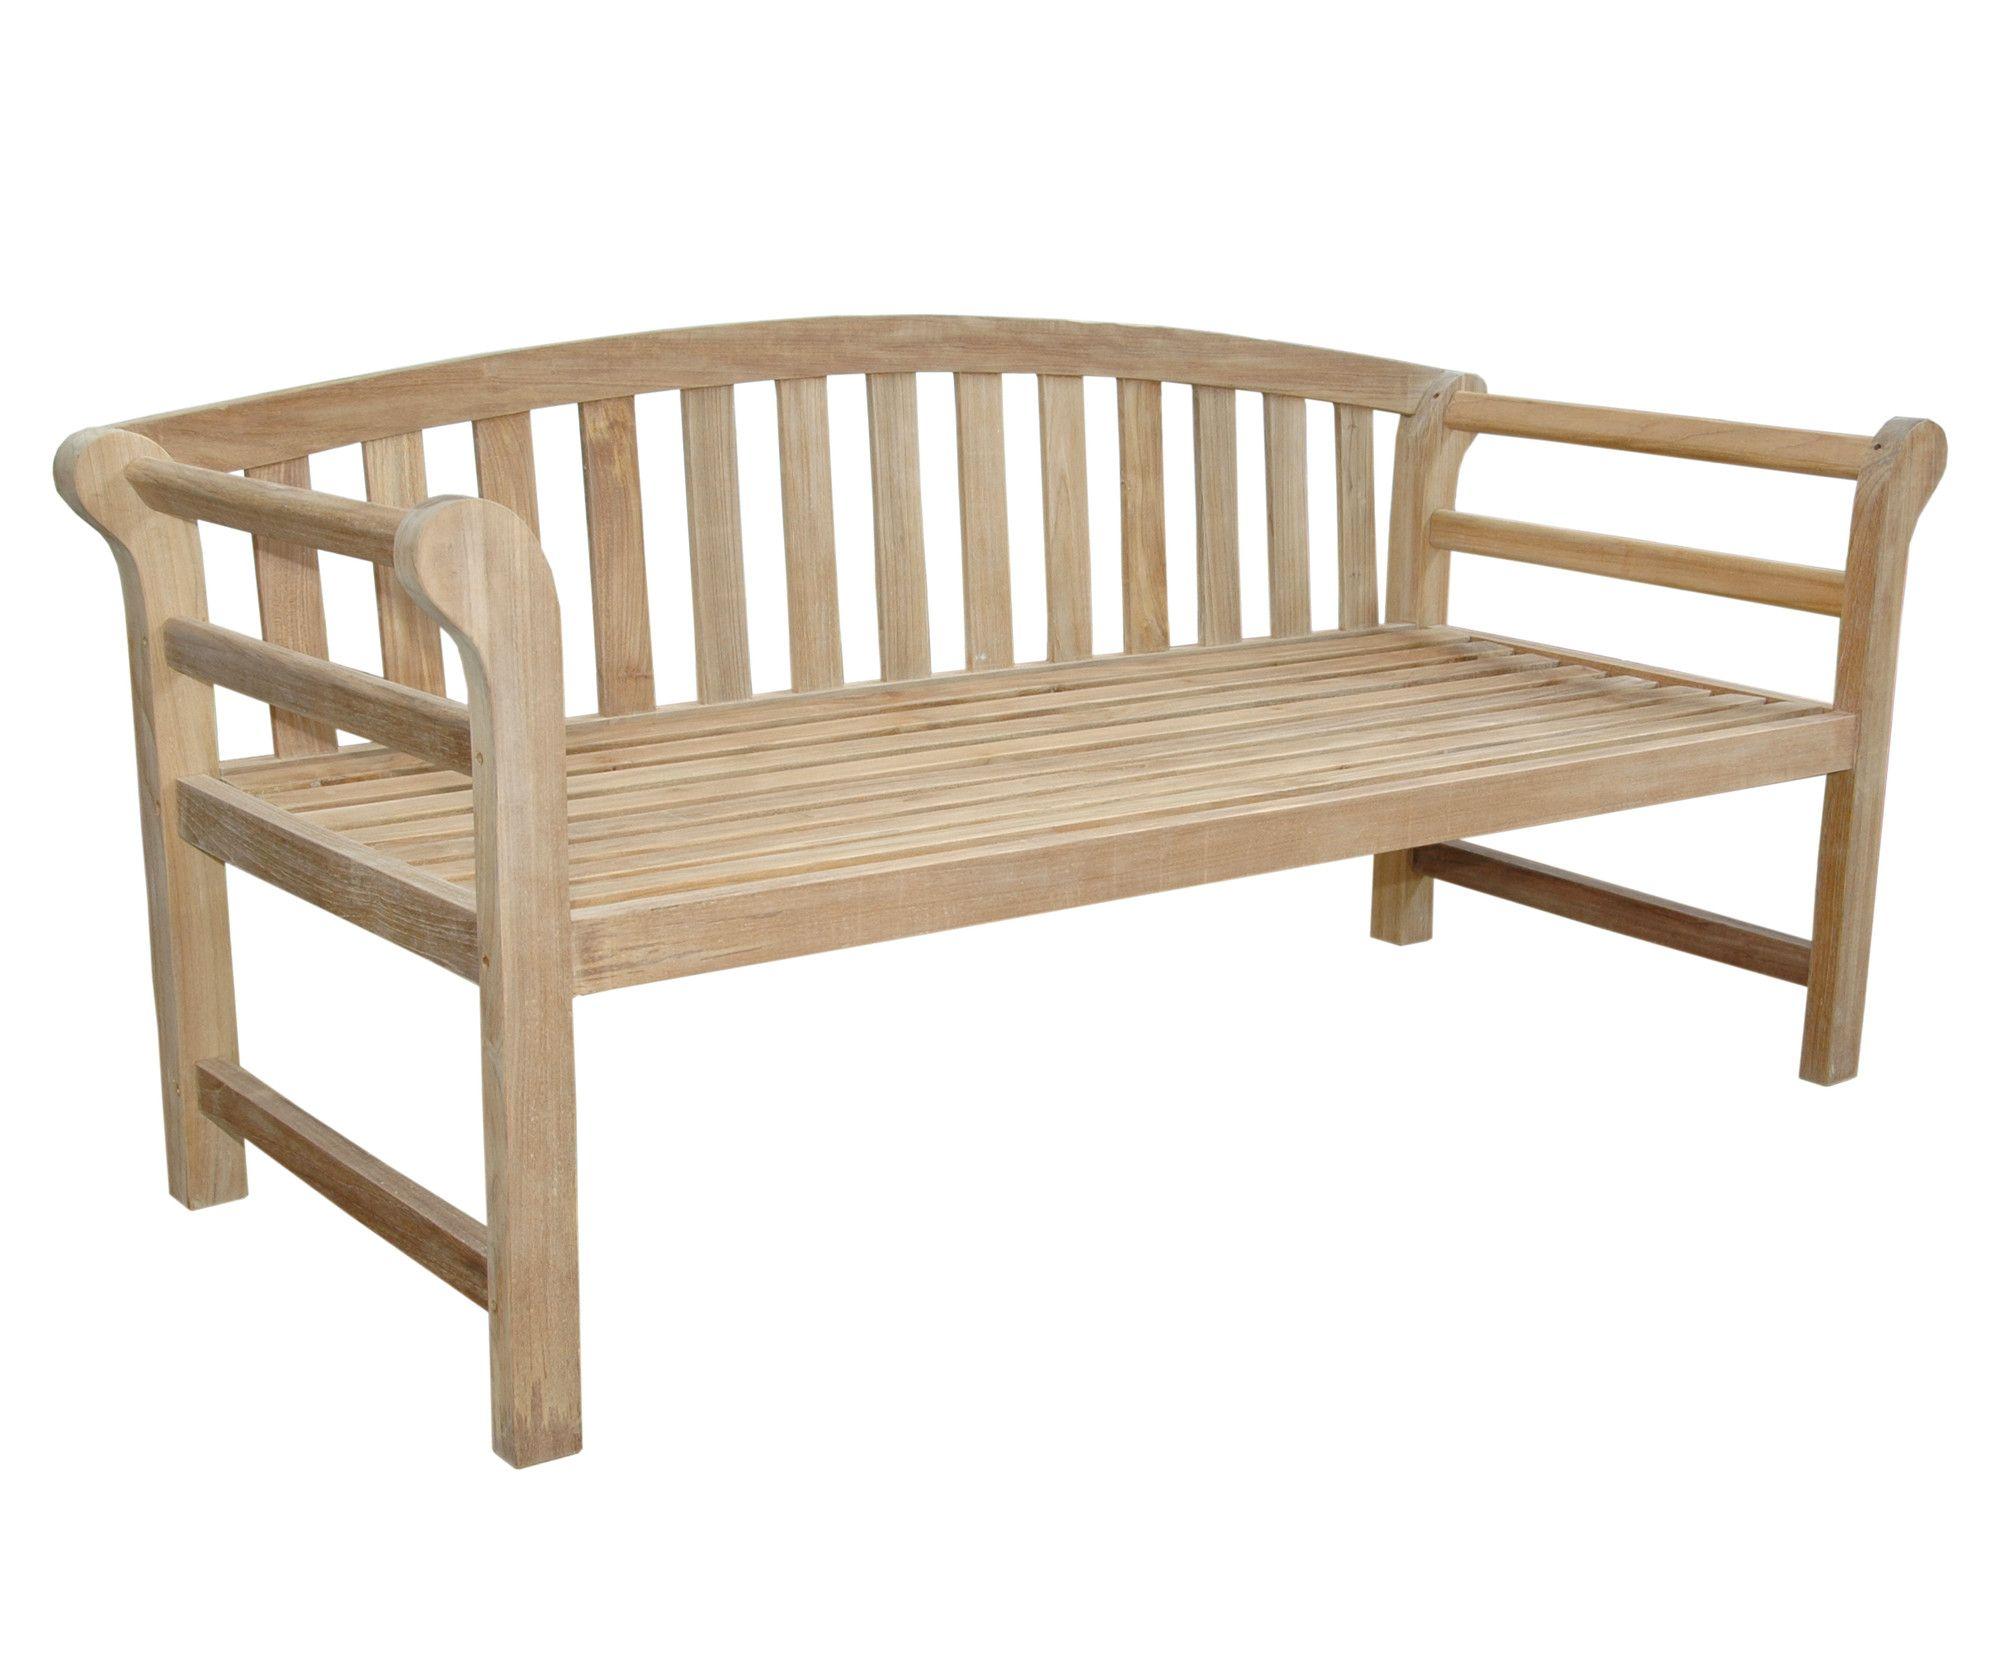 Brisbane Teak Garden Bench Products Teak Garden Bench Bench